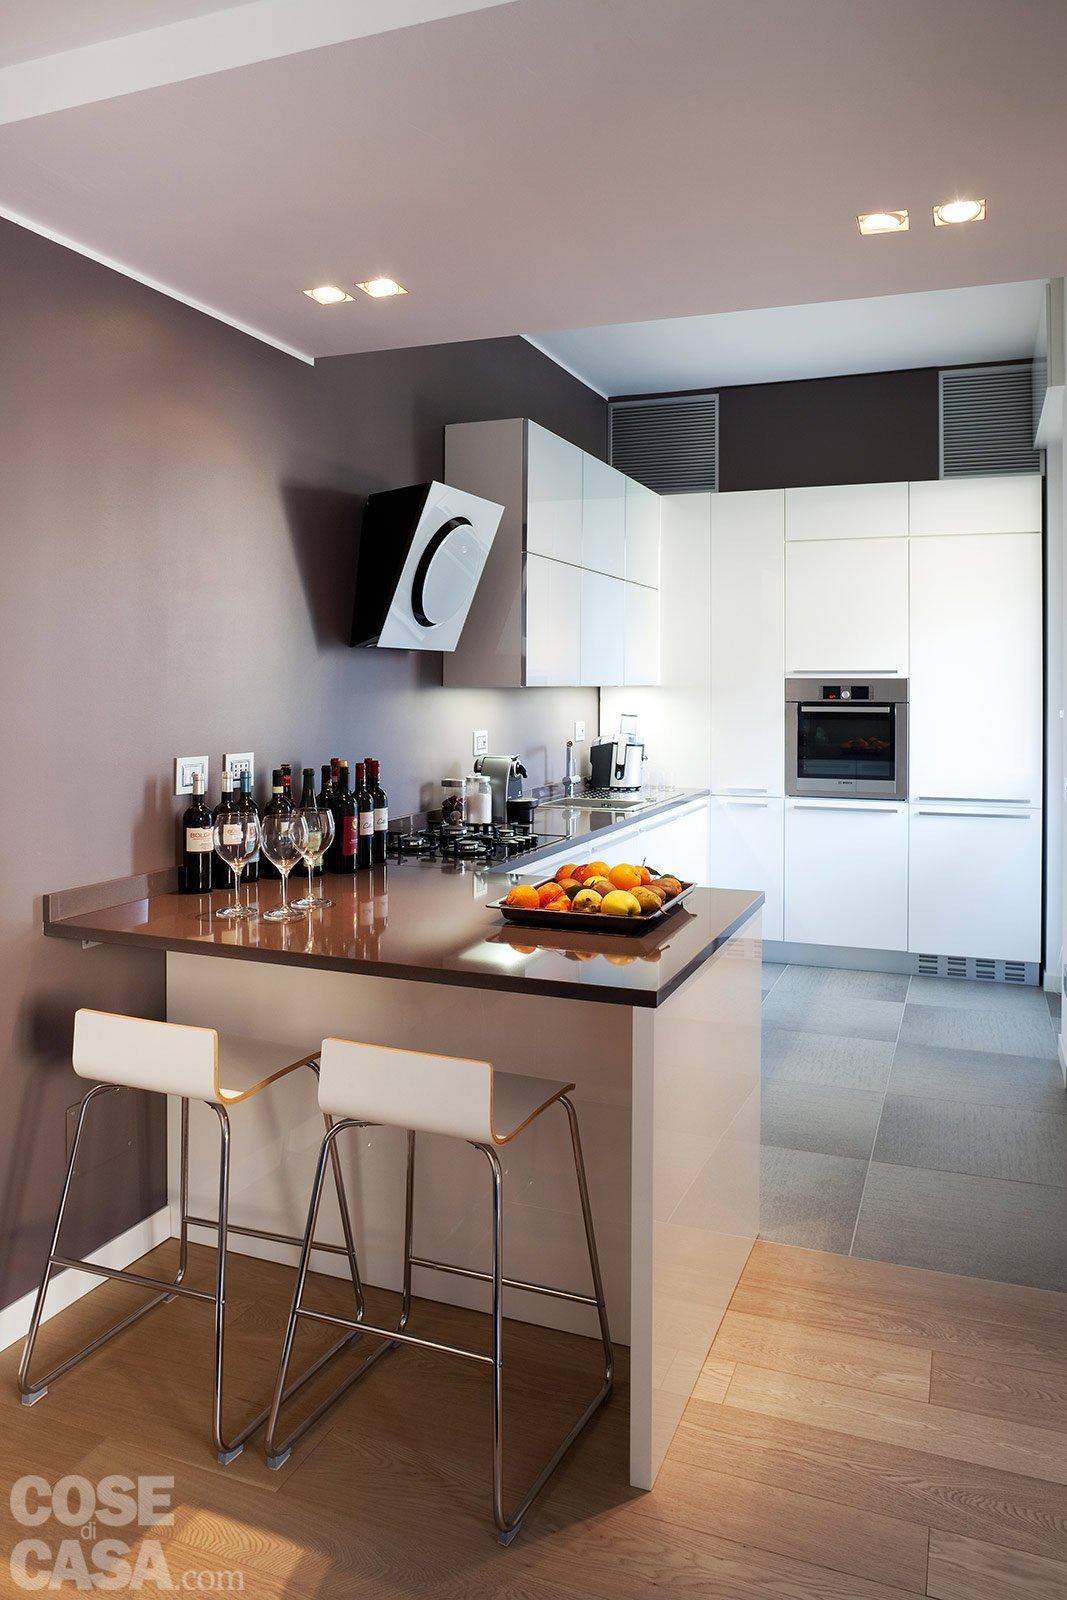 Fiorentini Ronchi Cucina0 #A26529 1067 1600 Top Cucina Laminato Pro E Contro